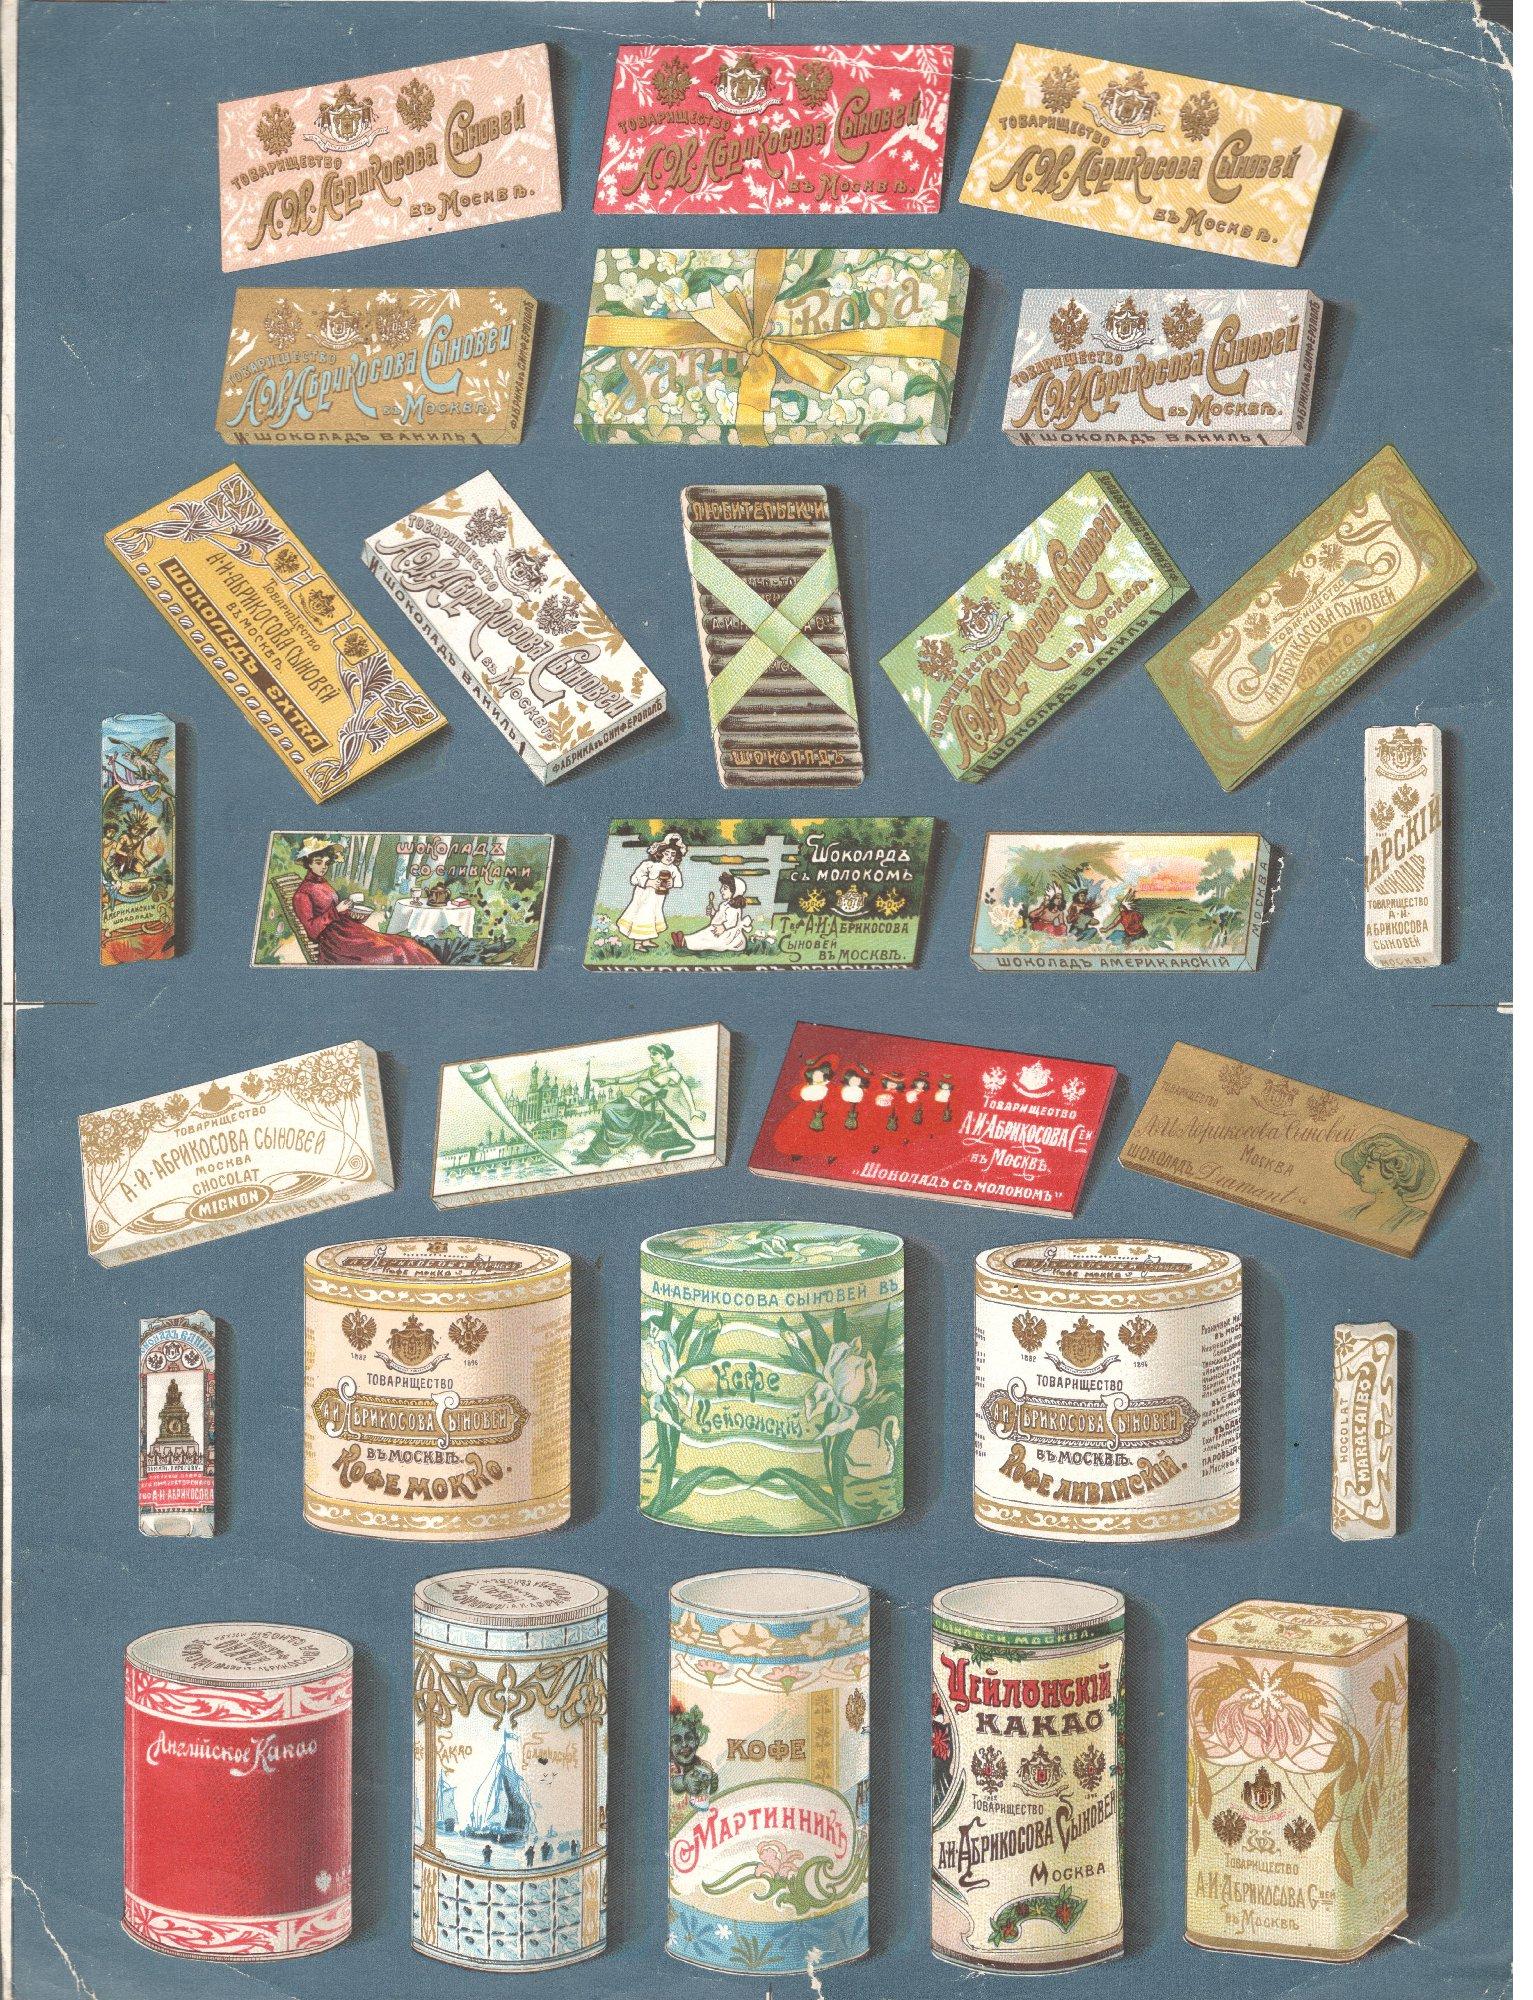 Рекламный лист продукции Товарищества А.И. Абрикосова и сыновей (с изображением упаковок шоколада, какао и кофе)